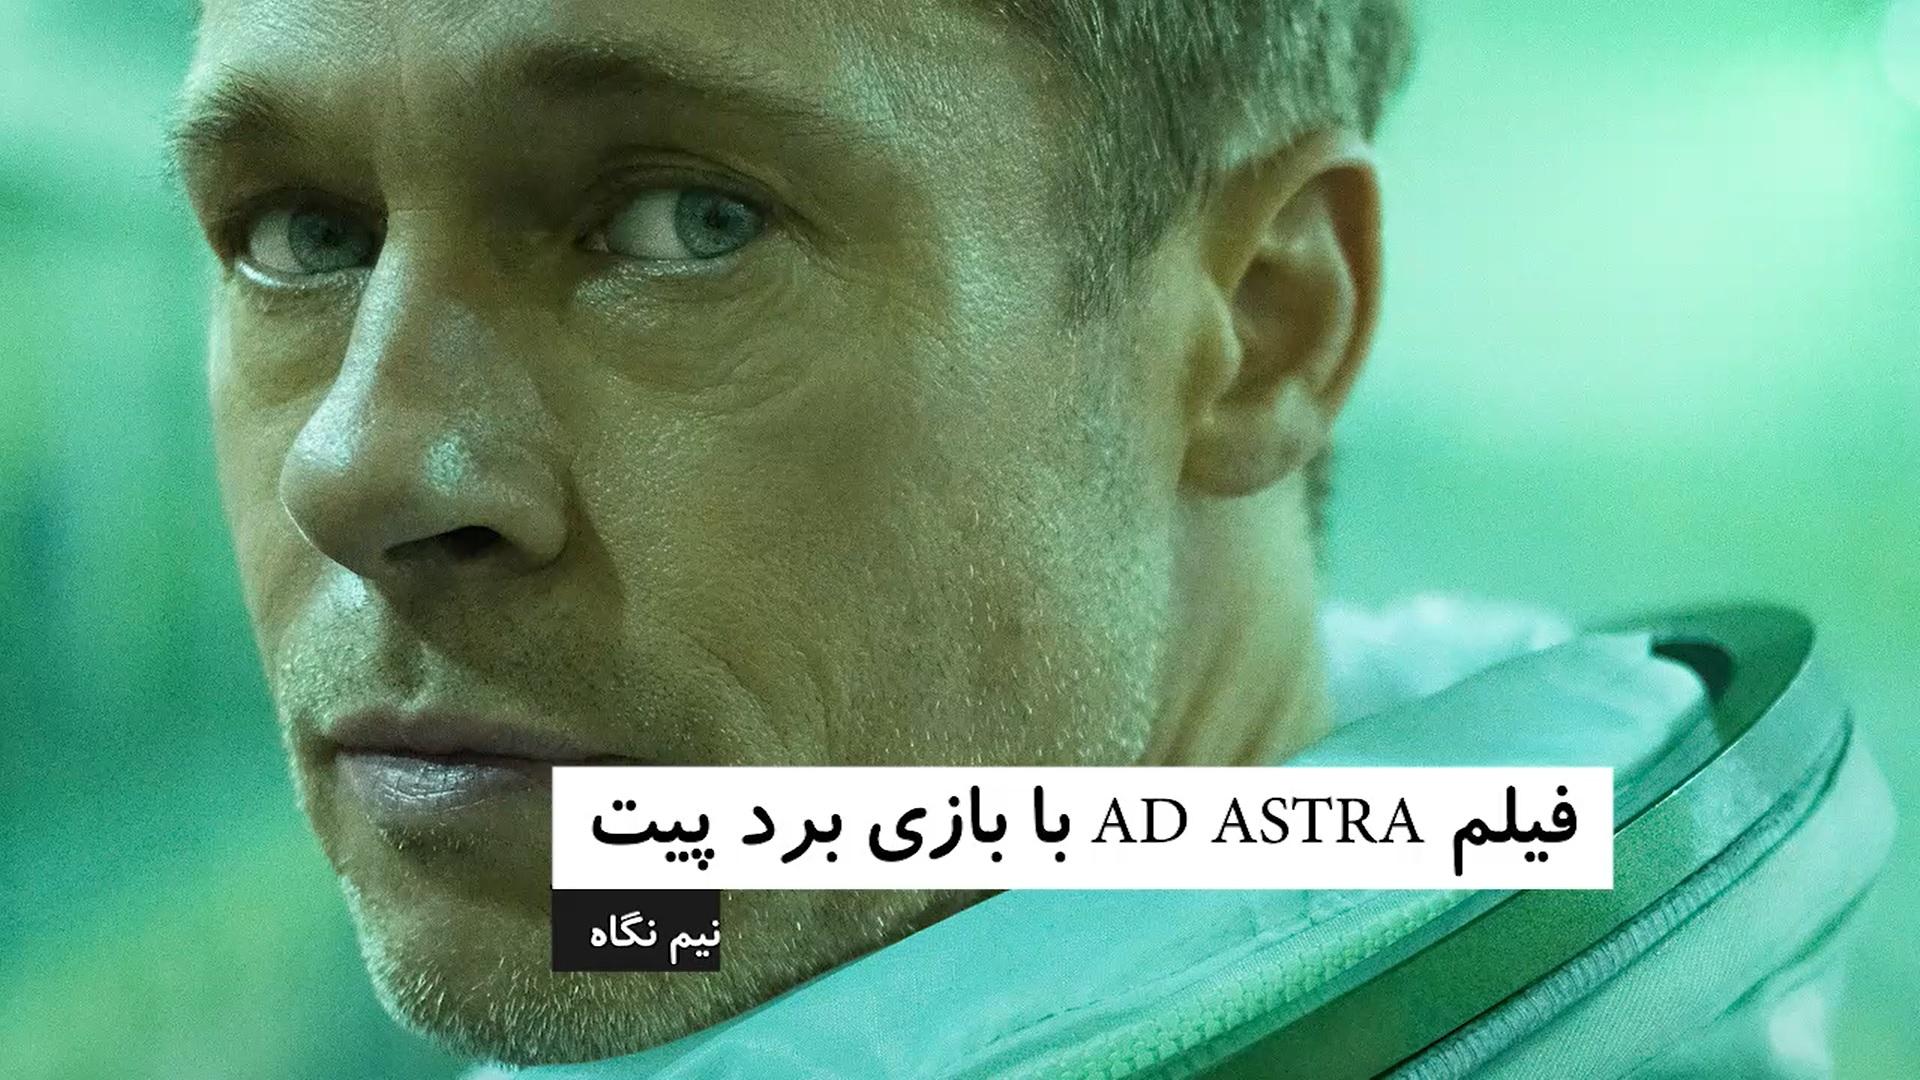 فیلم ad astra با بازی برد پیت